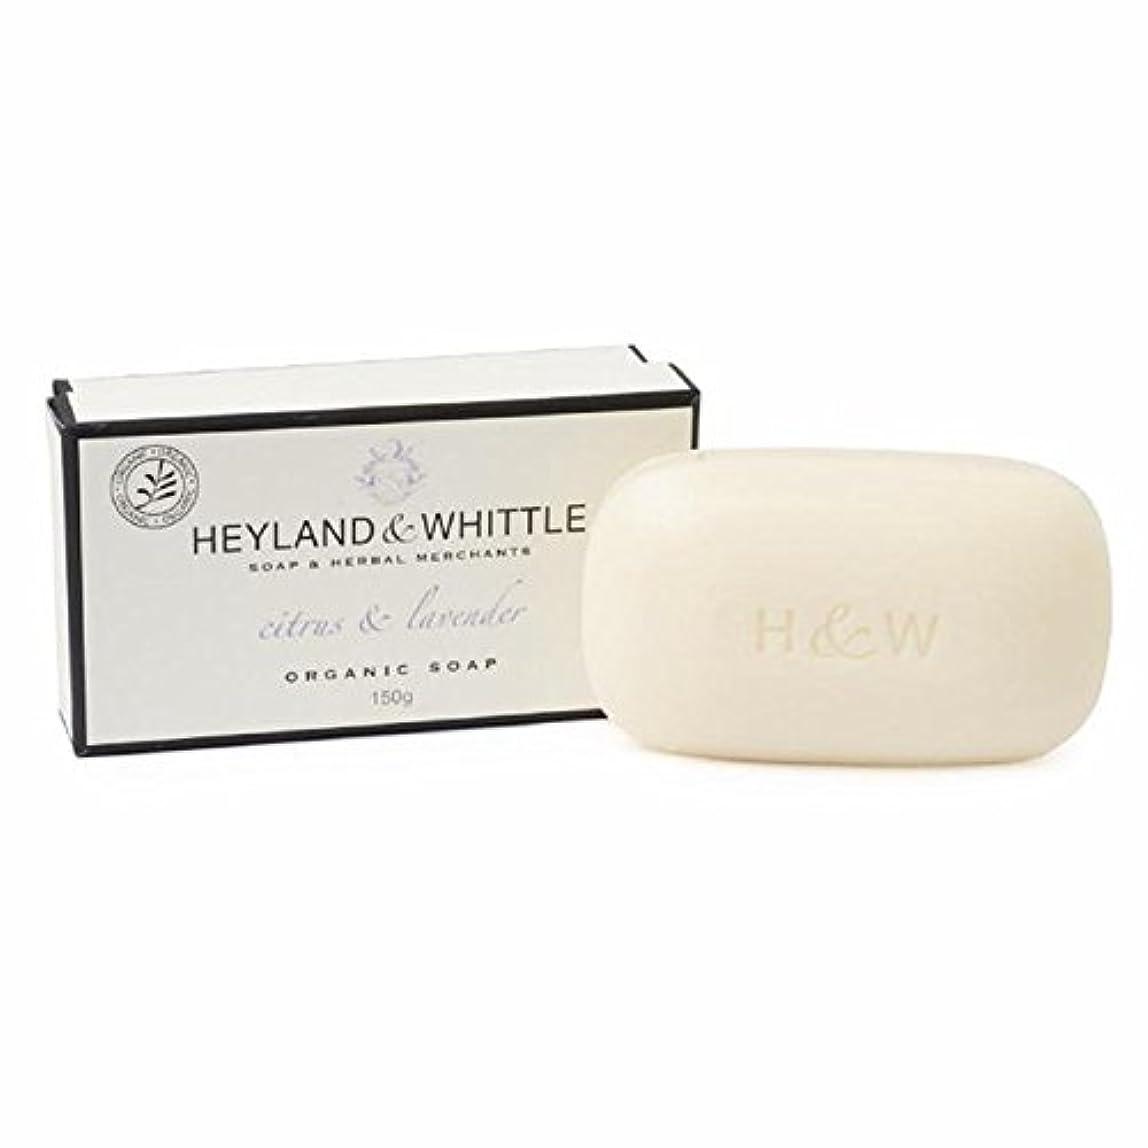 大きい含意壁紙Heyland & Whittle Citrus & Lavender Boxed Organic Soap 150g (Pack of 6) - &削るシトラス&ラベンダーは、有機石鹸150グラム箱入り x6 [並行輸入品]